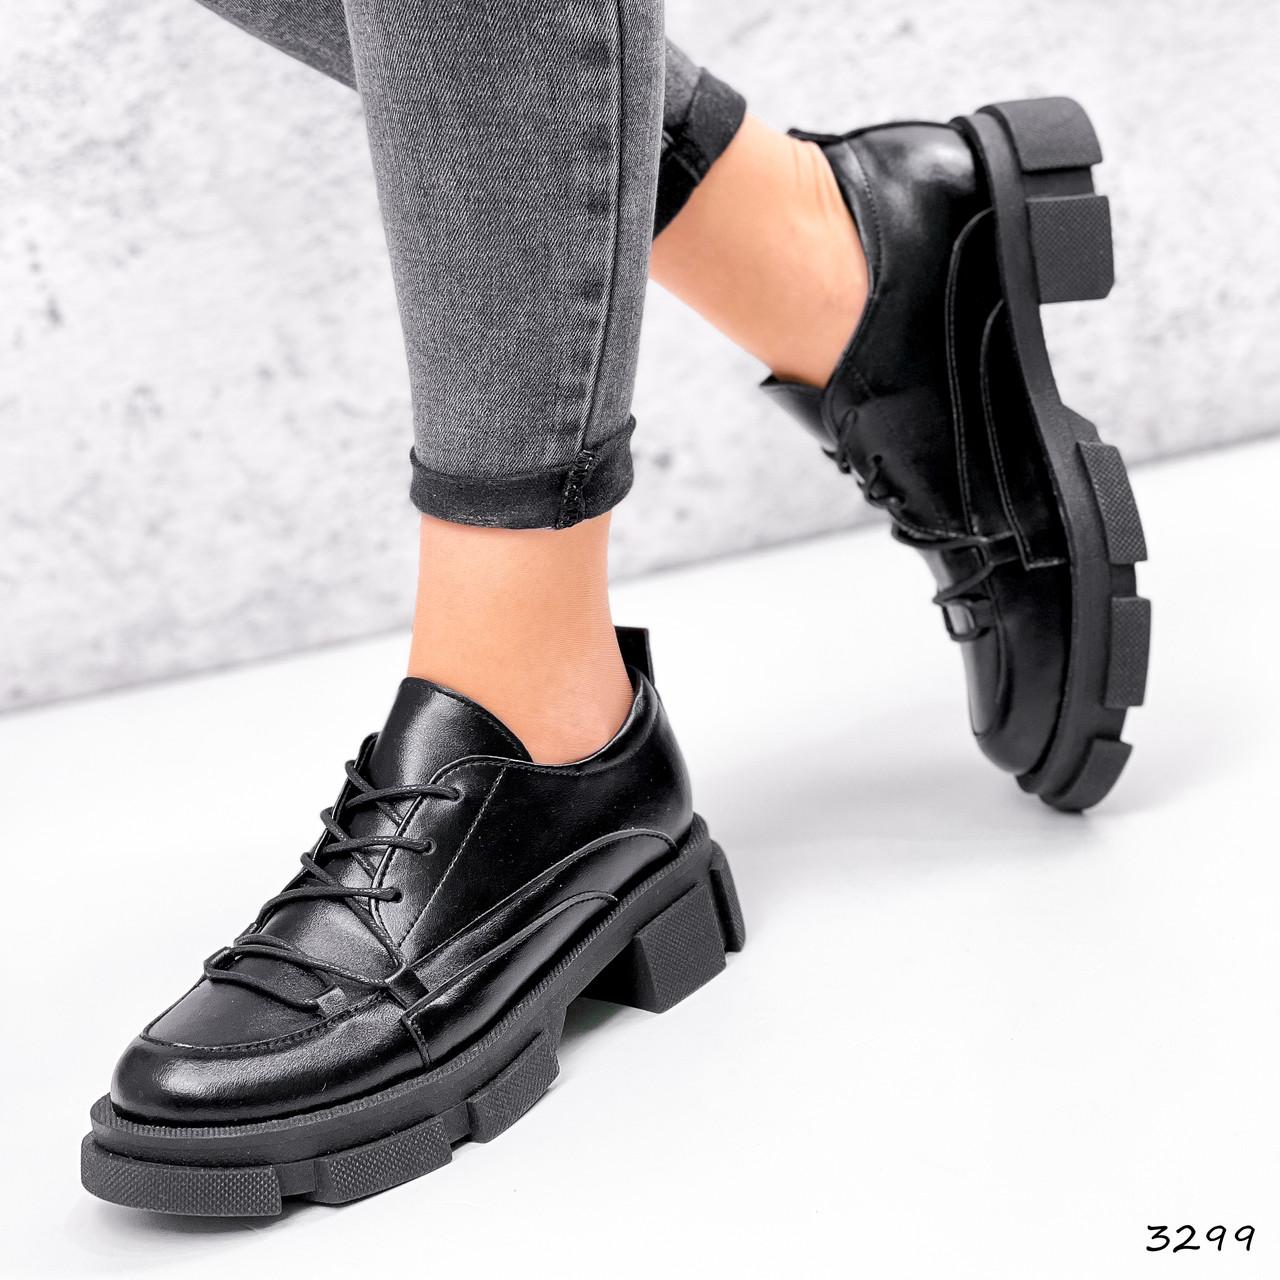 Туфли женские Gert черные 3299